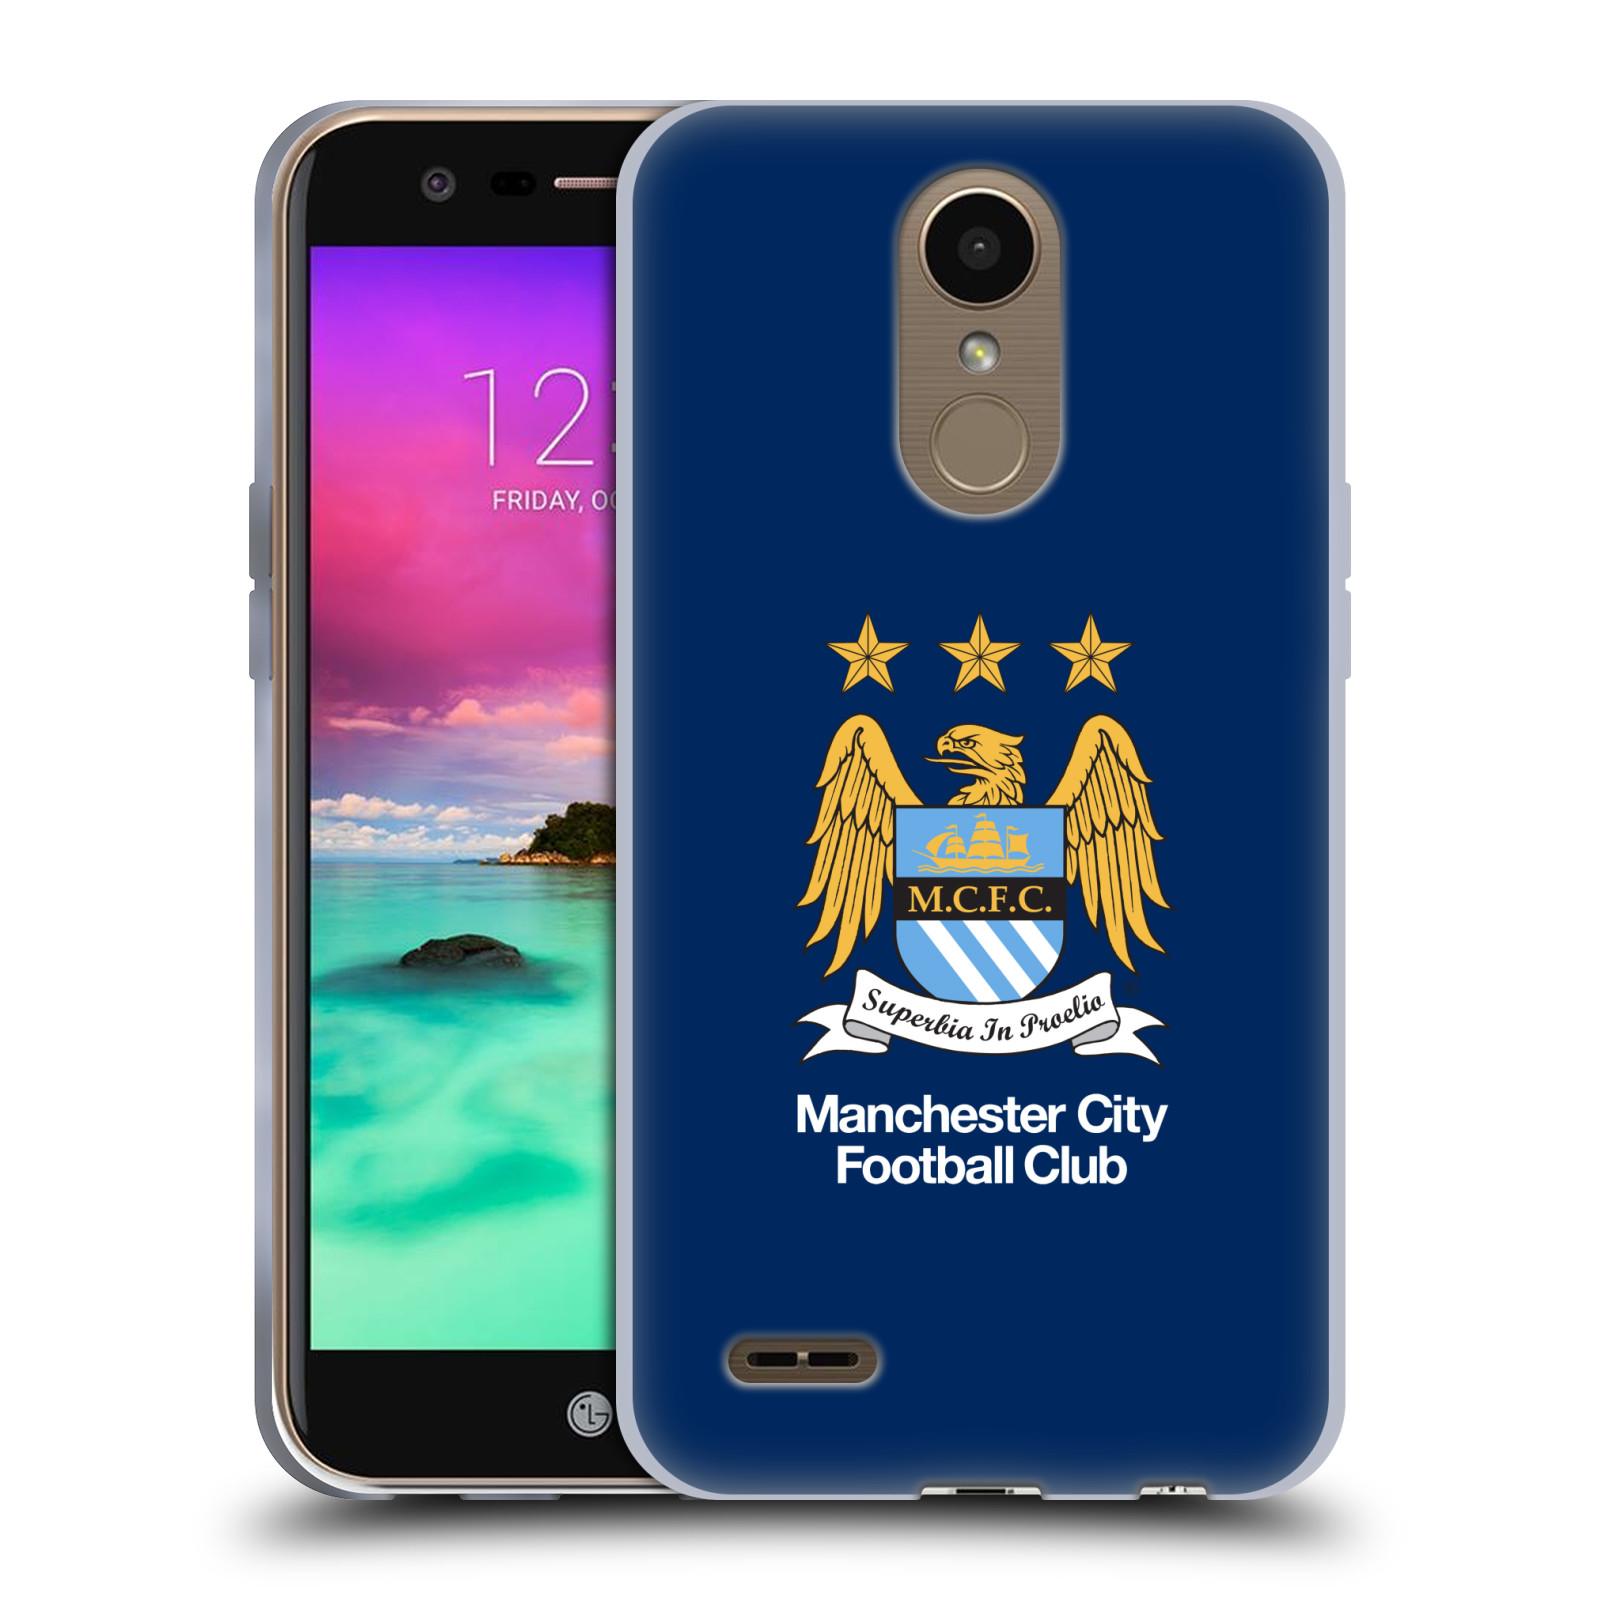 HEAD CASE silikonový obal na mobil LG K10 2017 / K10 2017 DUAL SIM Fotbalový klub Manchester City modré pozadí velký znak